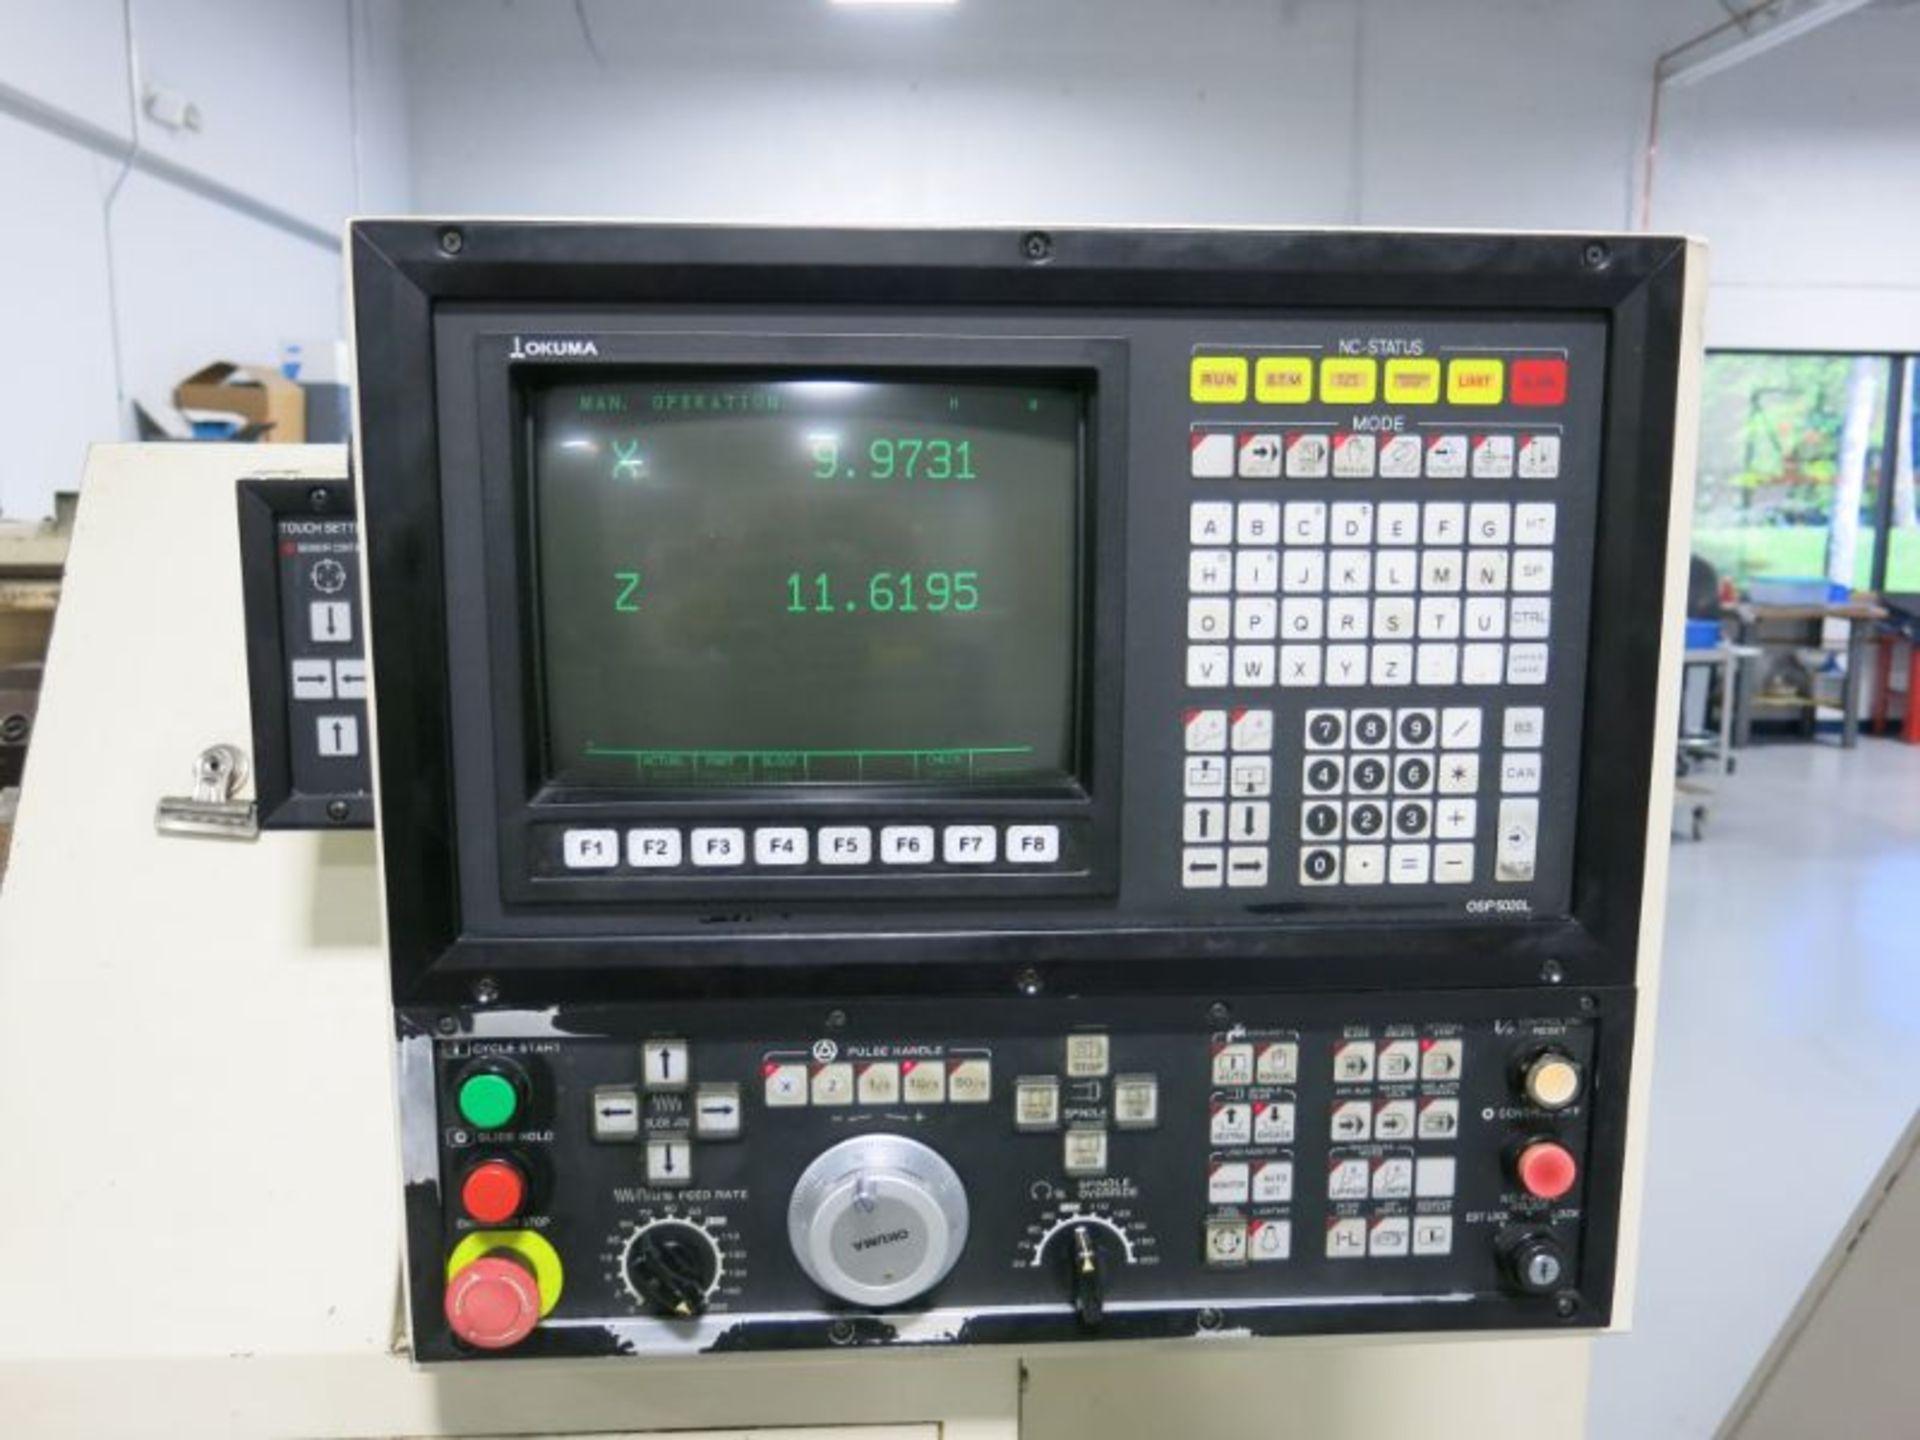 1997 Okuma Cadet LNC8 CNC Turning Center - Image 6 of 7